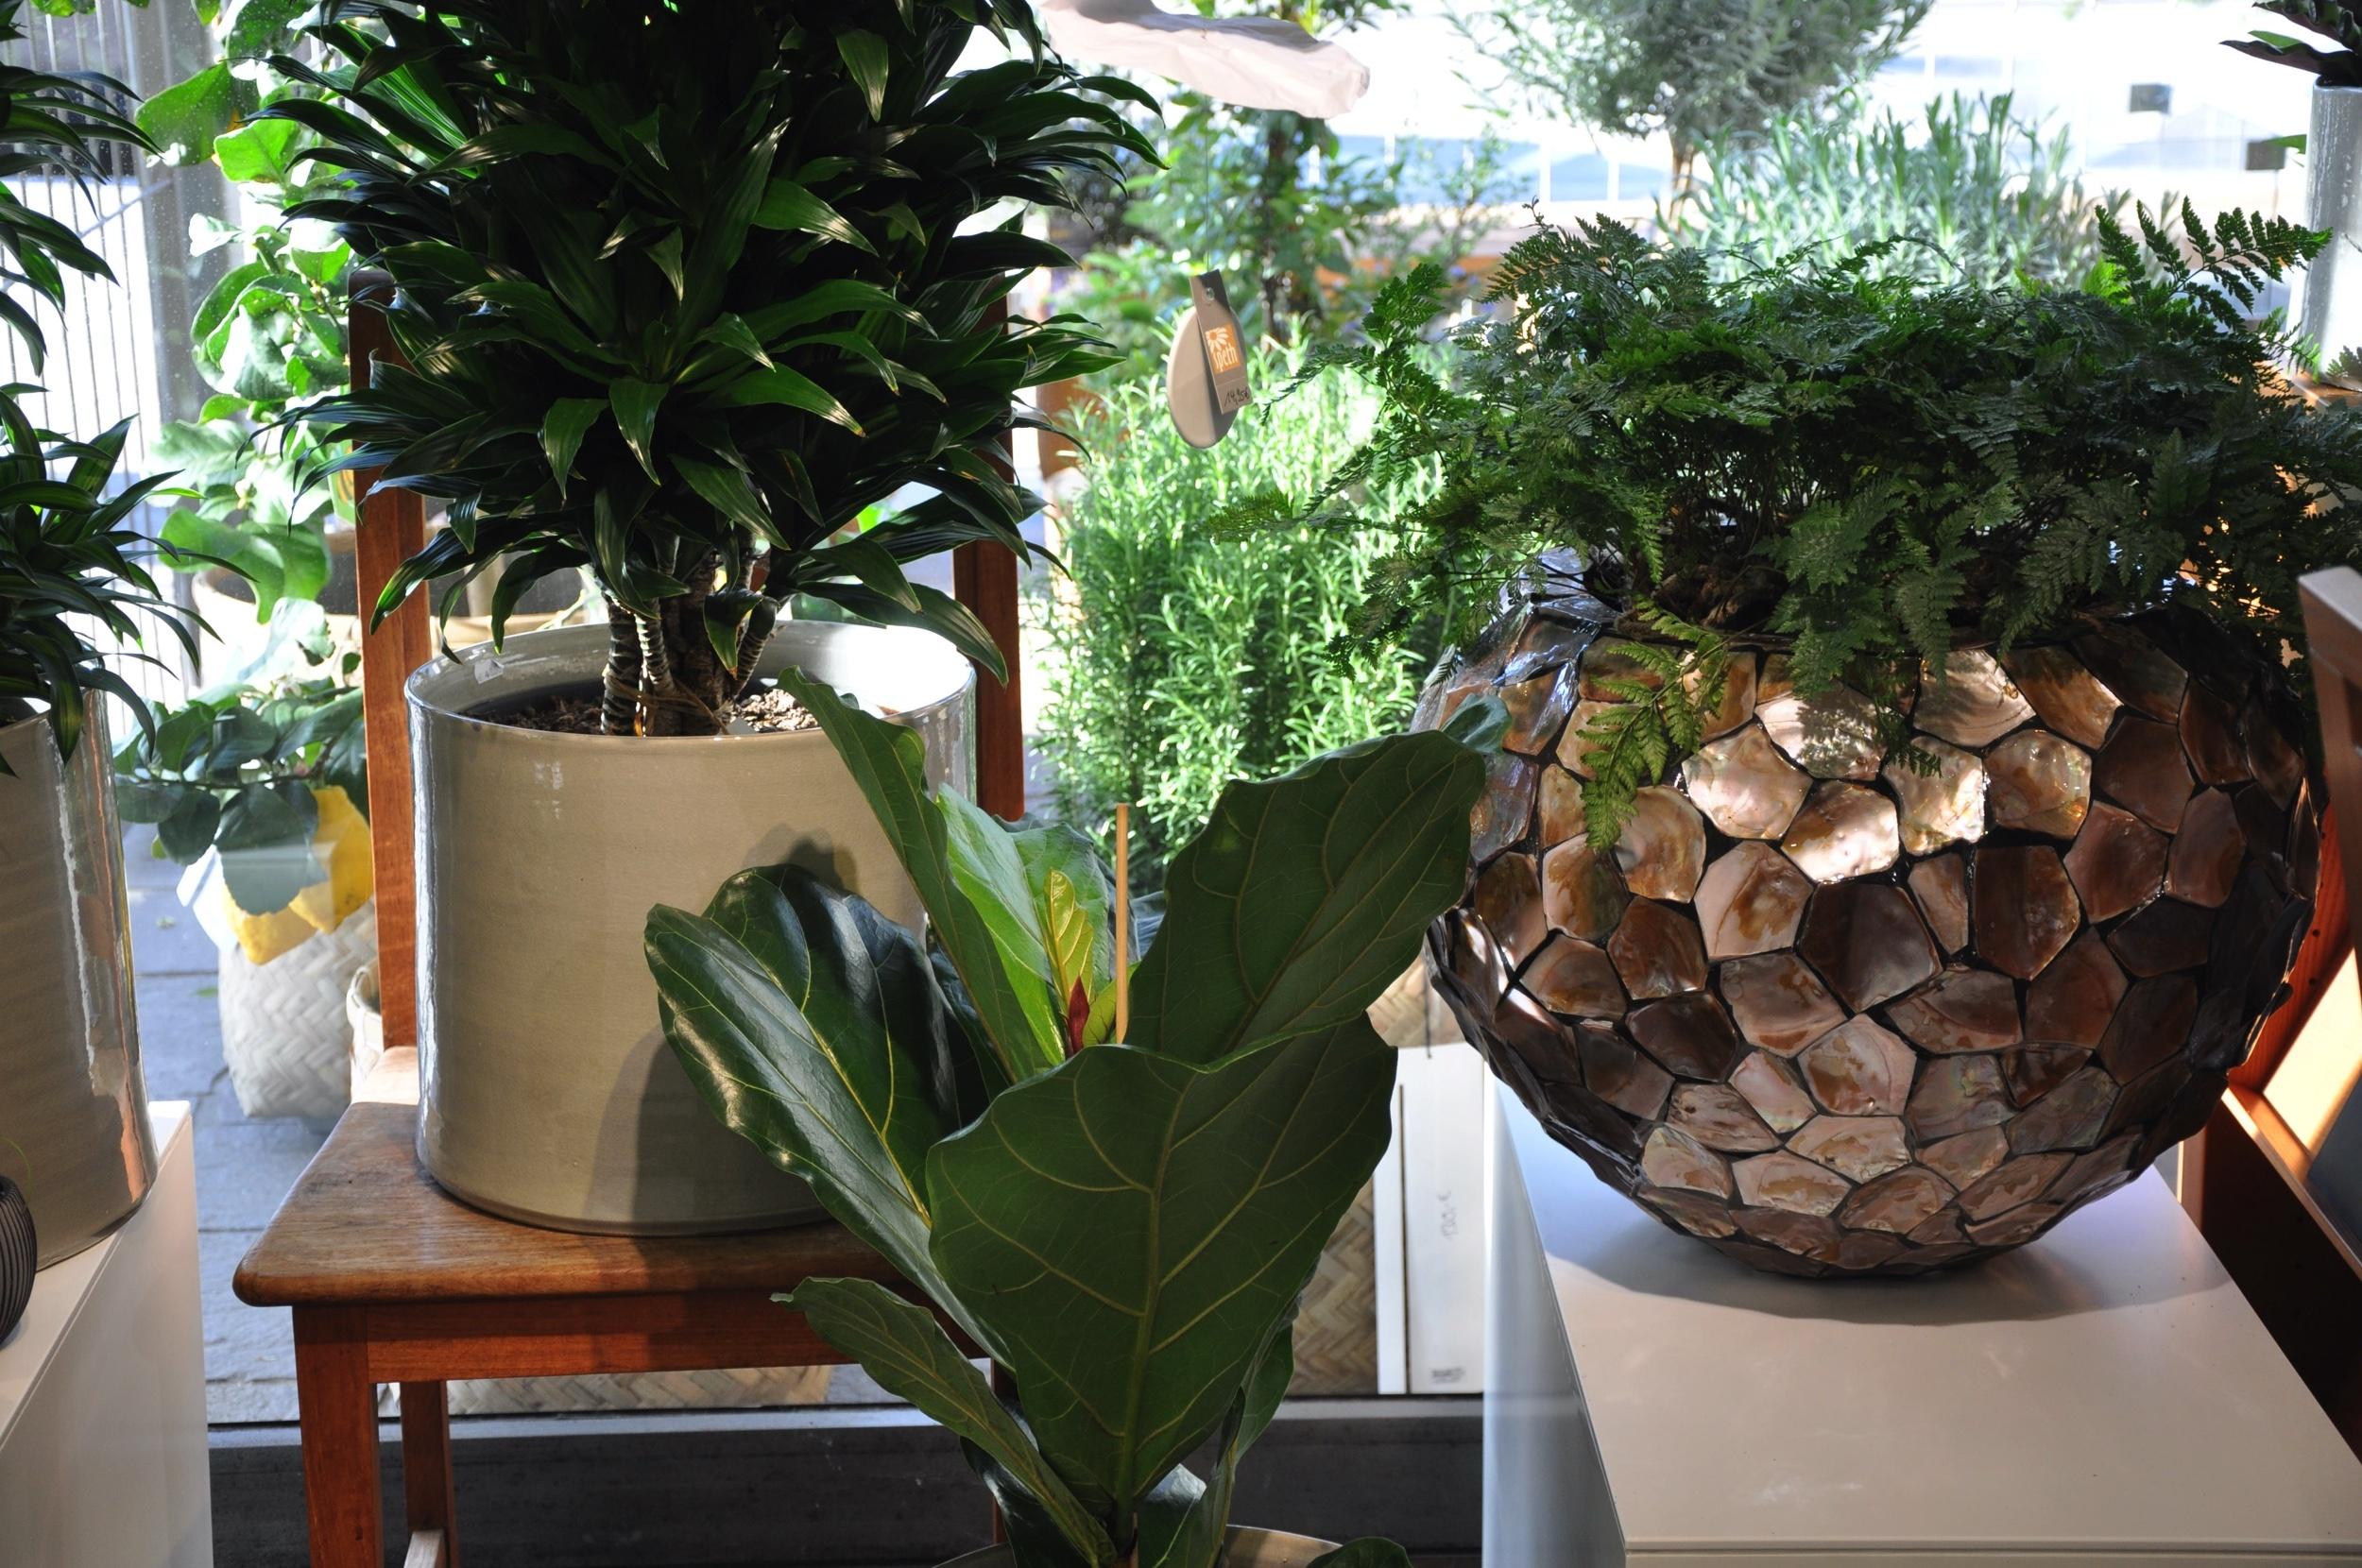 Zimmerpflanzen In Tollen Gefaessen